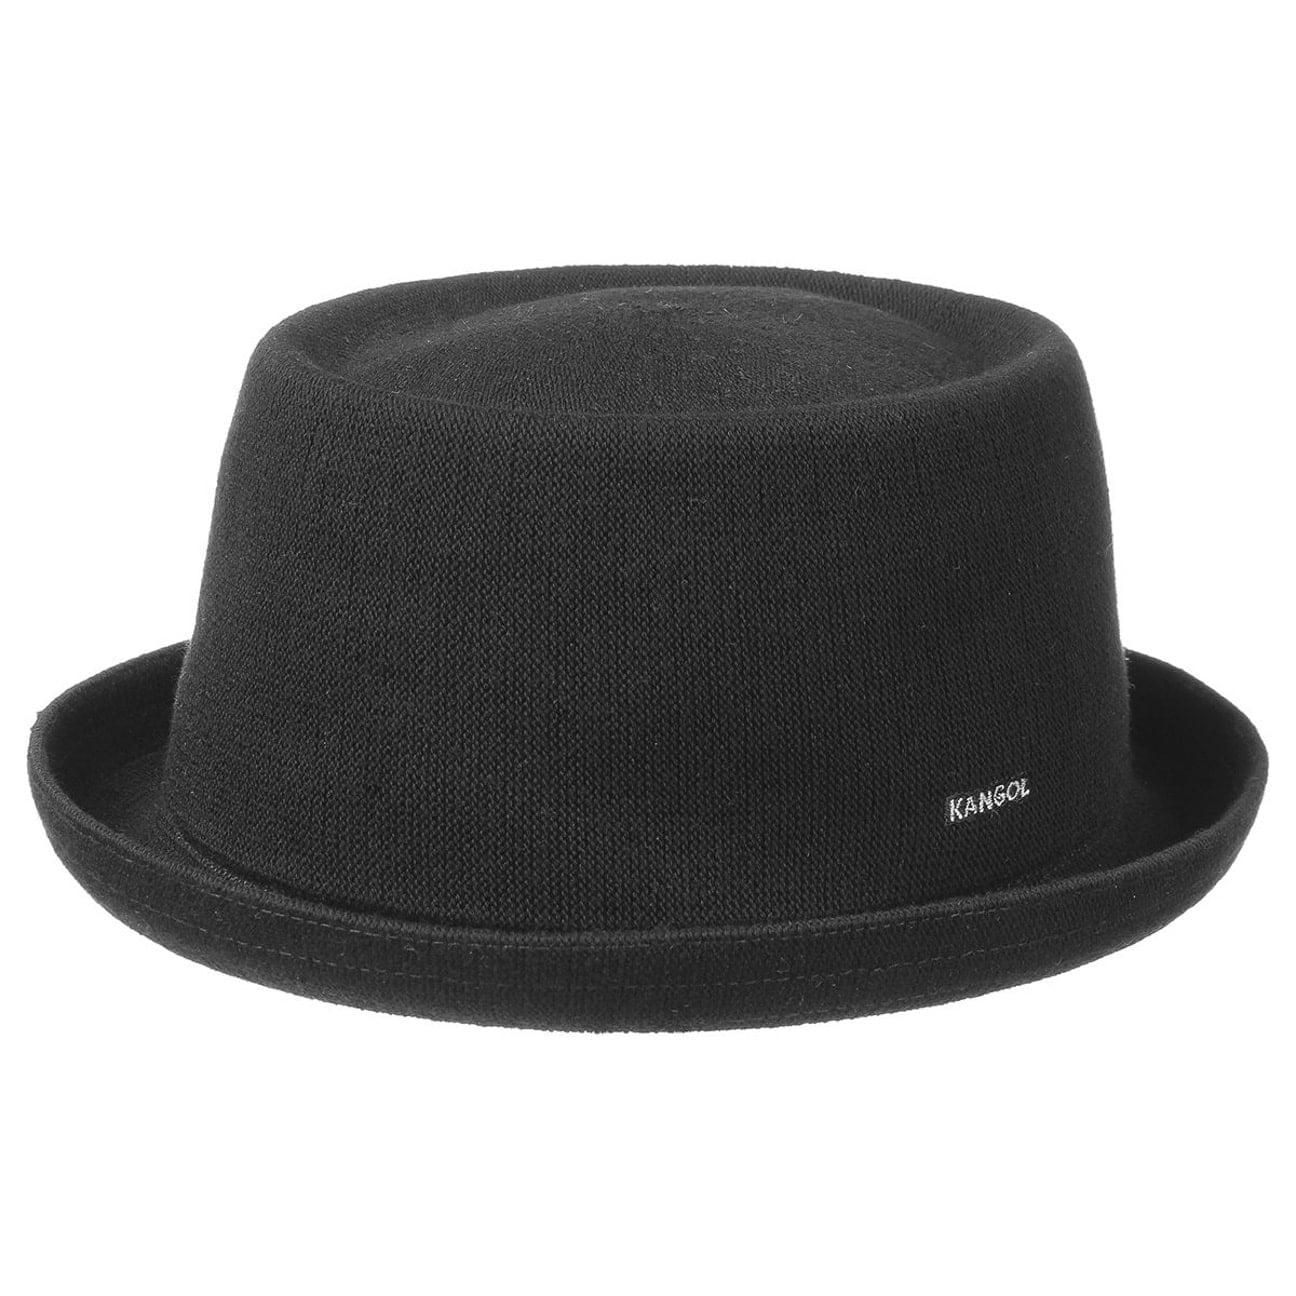 Sombrero Pork Pie Mowbray Kangol - Sombreros - sombreroshop.es 0c3fc7ac742